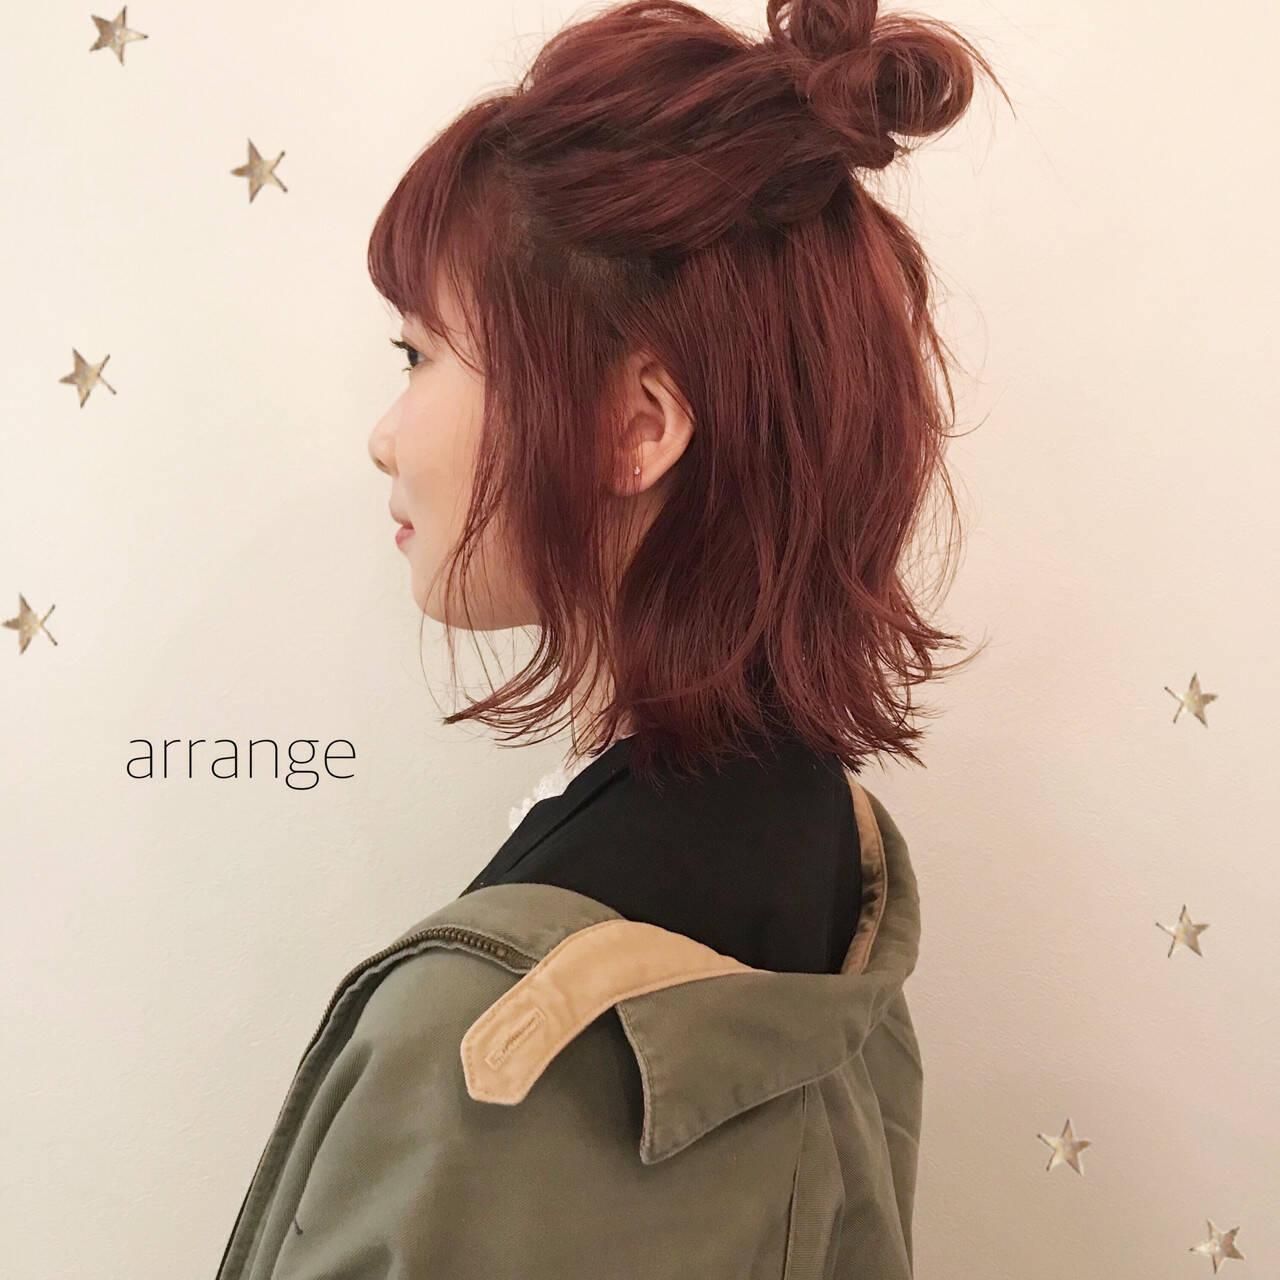 ハーフアップ ピンク ミディアム ヘアアレンジヘアスタイルや髪型の写真・画像